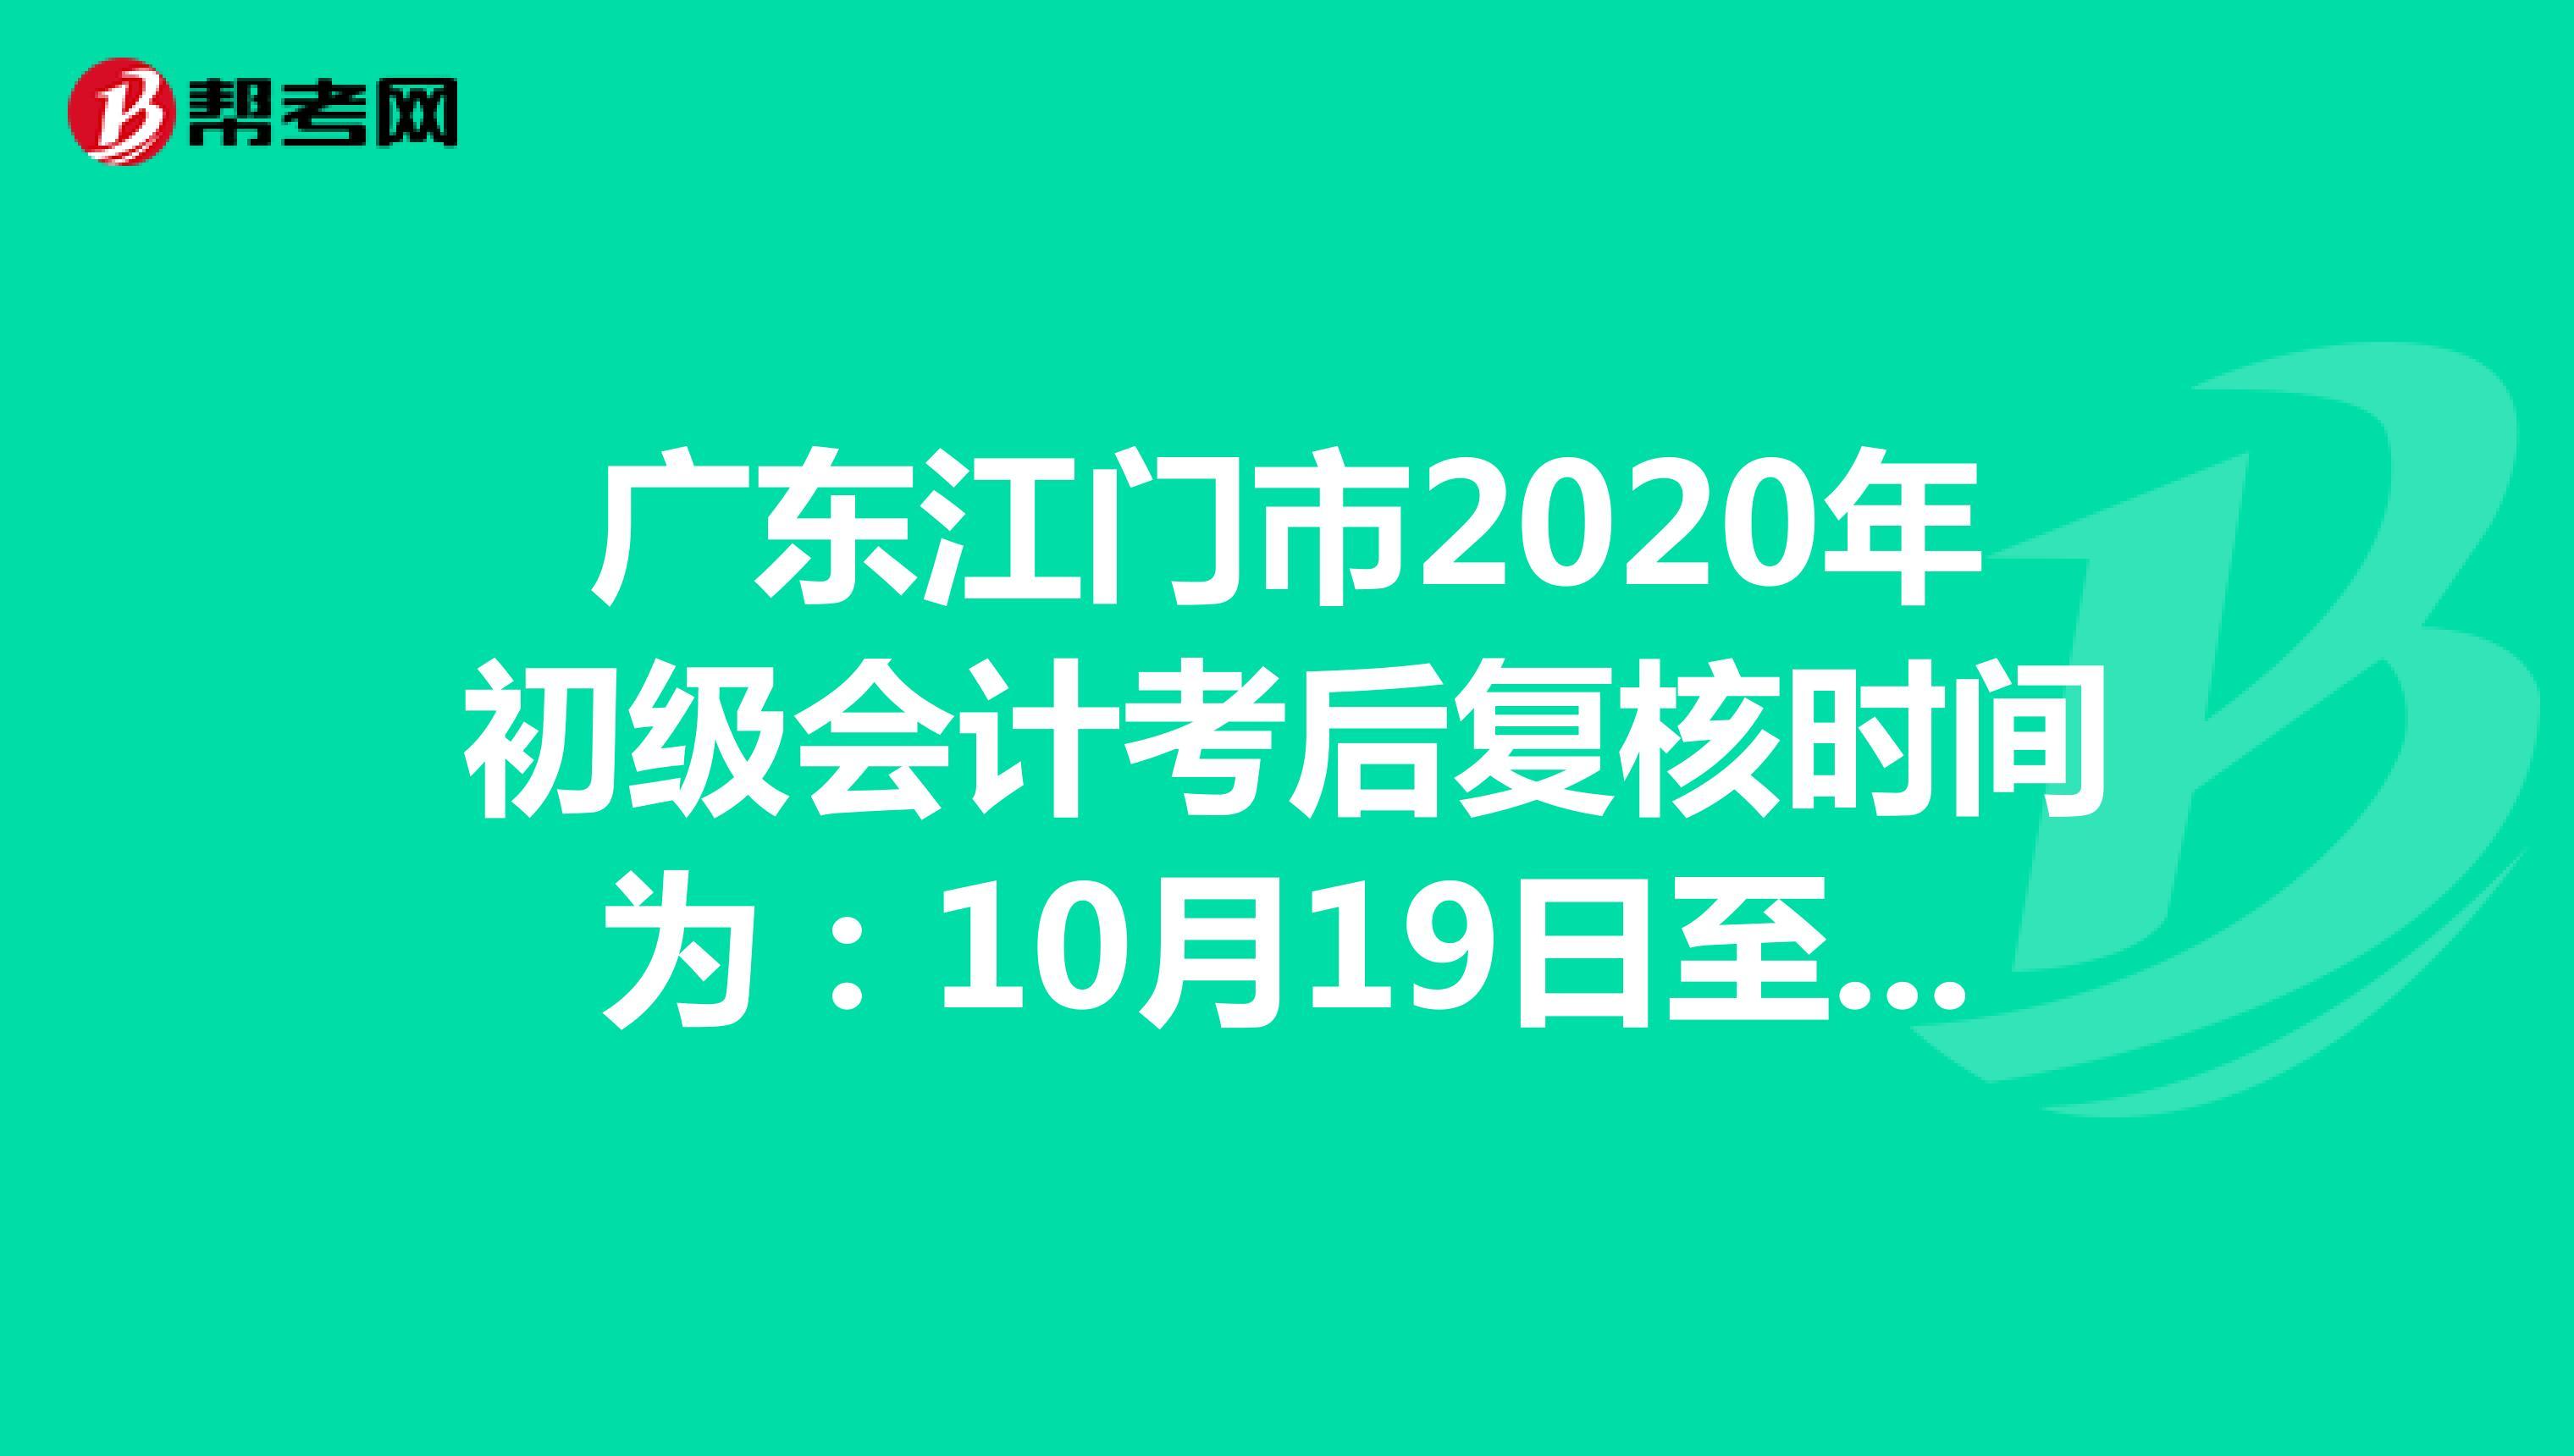 广东江门市2020年初级会计考后复核时间为:10月19日至10月30日